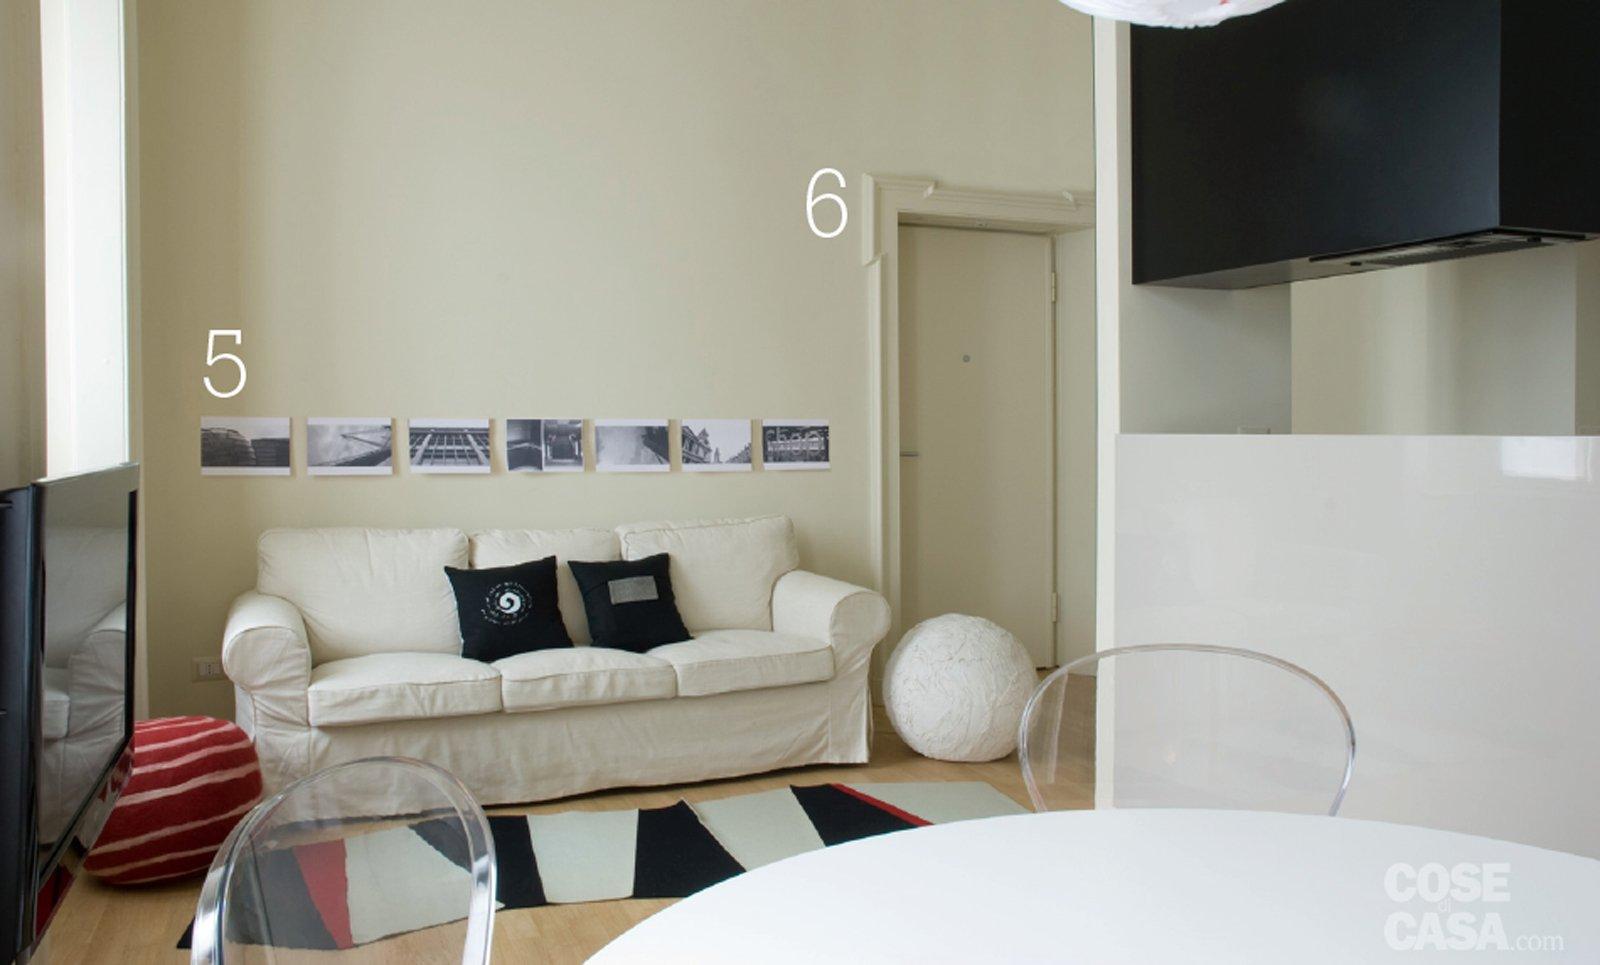 15 idee che risolvono per una casa di 44 mq tutta da copiare cose di casa - Altezza quadri sopra divano ...